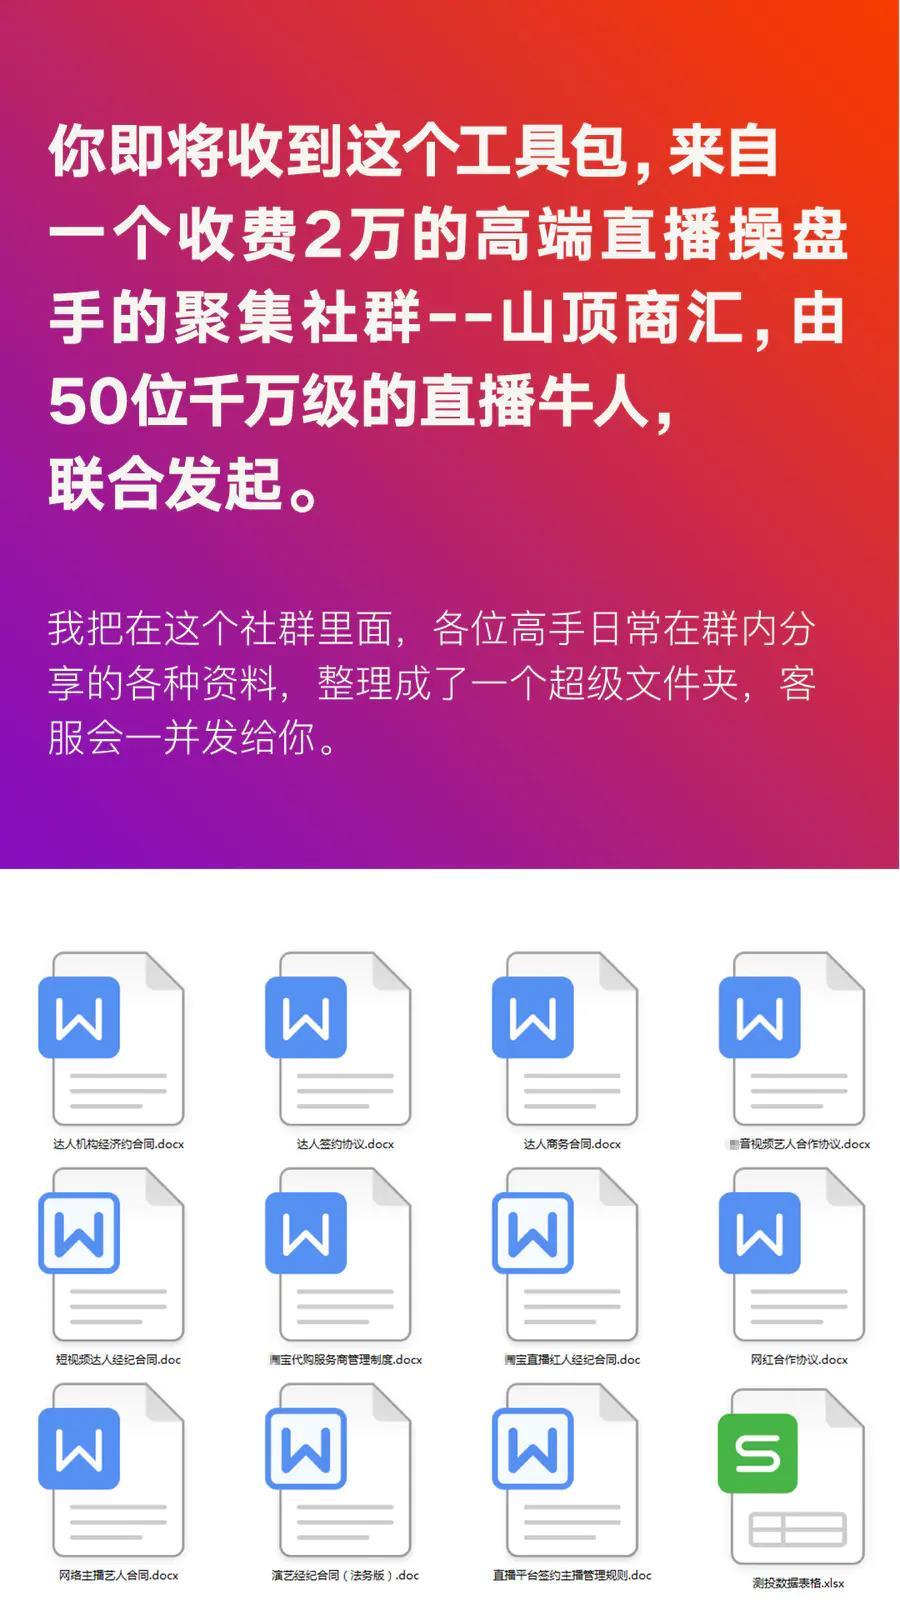 直播工具包:56份内部资料+直播操盘手运营笔记2.0【文字版+资料】插图1